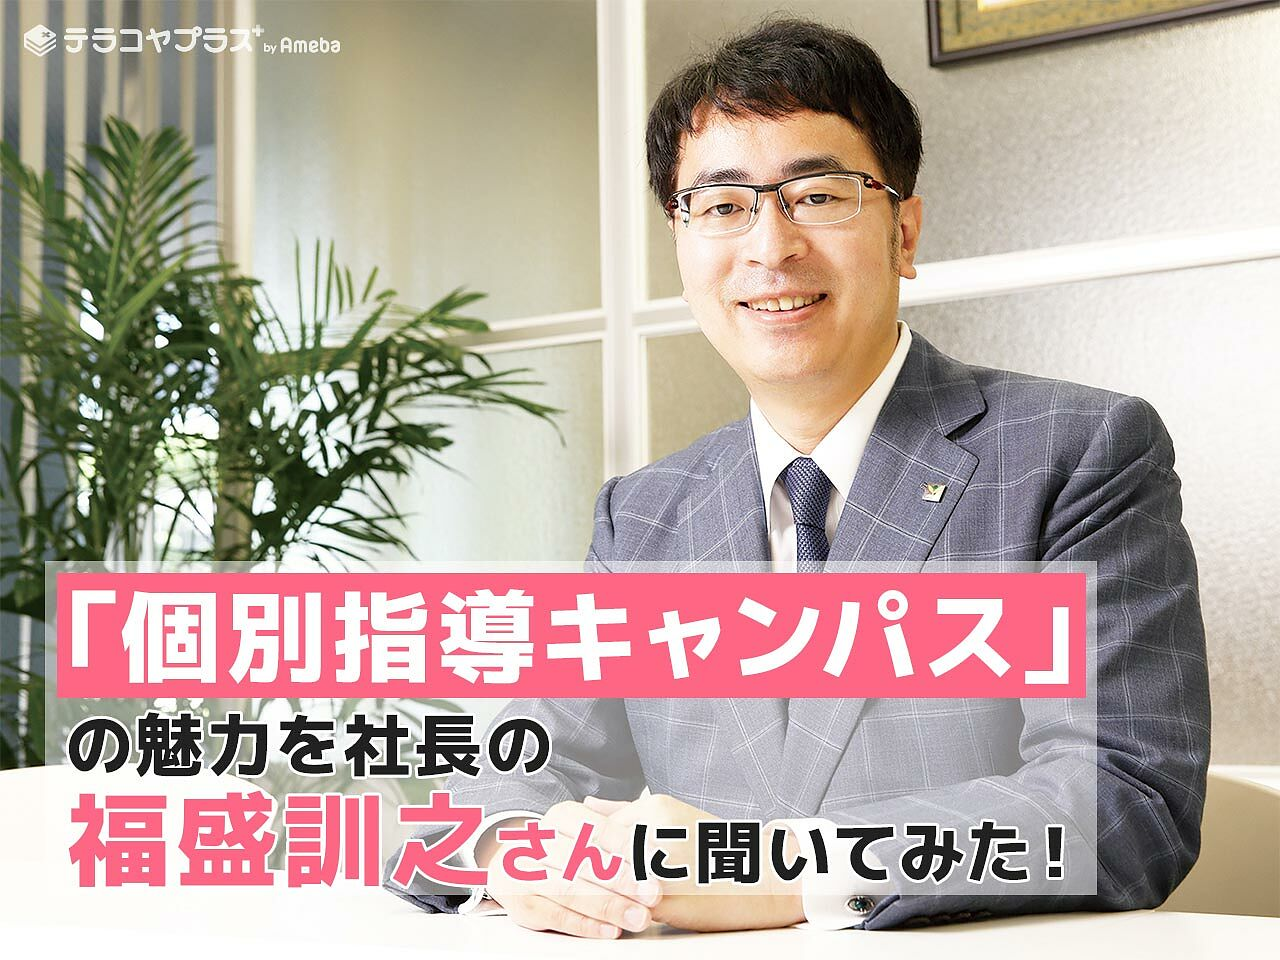 「個別指導キャンパス」代表の福盛訓之さんにインタビュー!低価格で高い指導品質を実現する秘密とはの画像